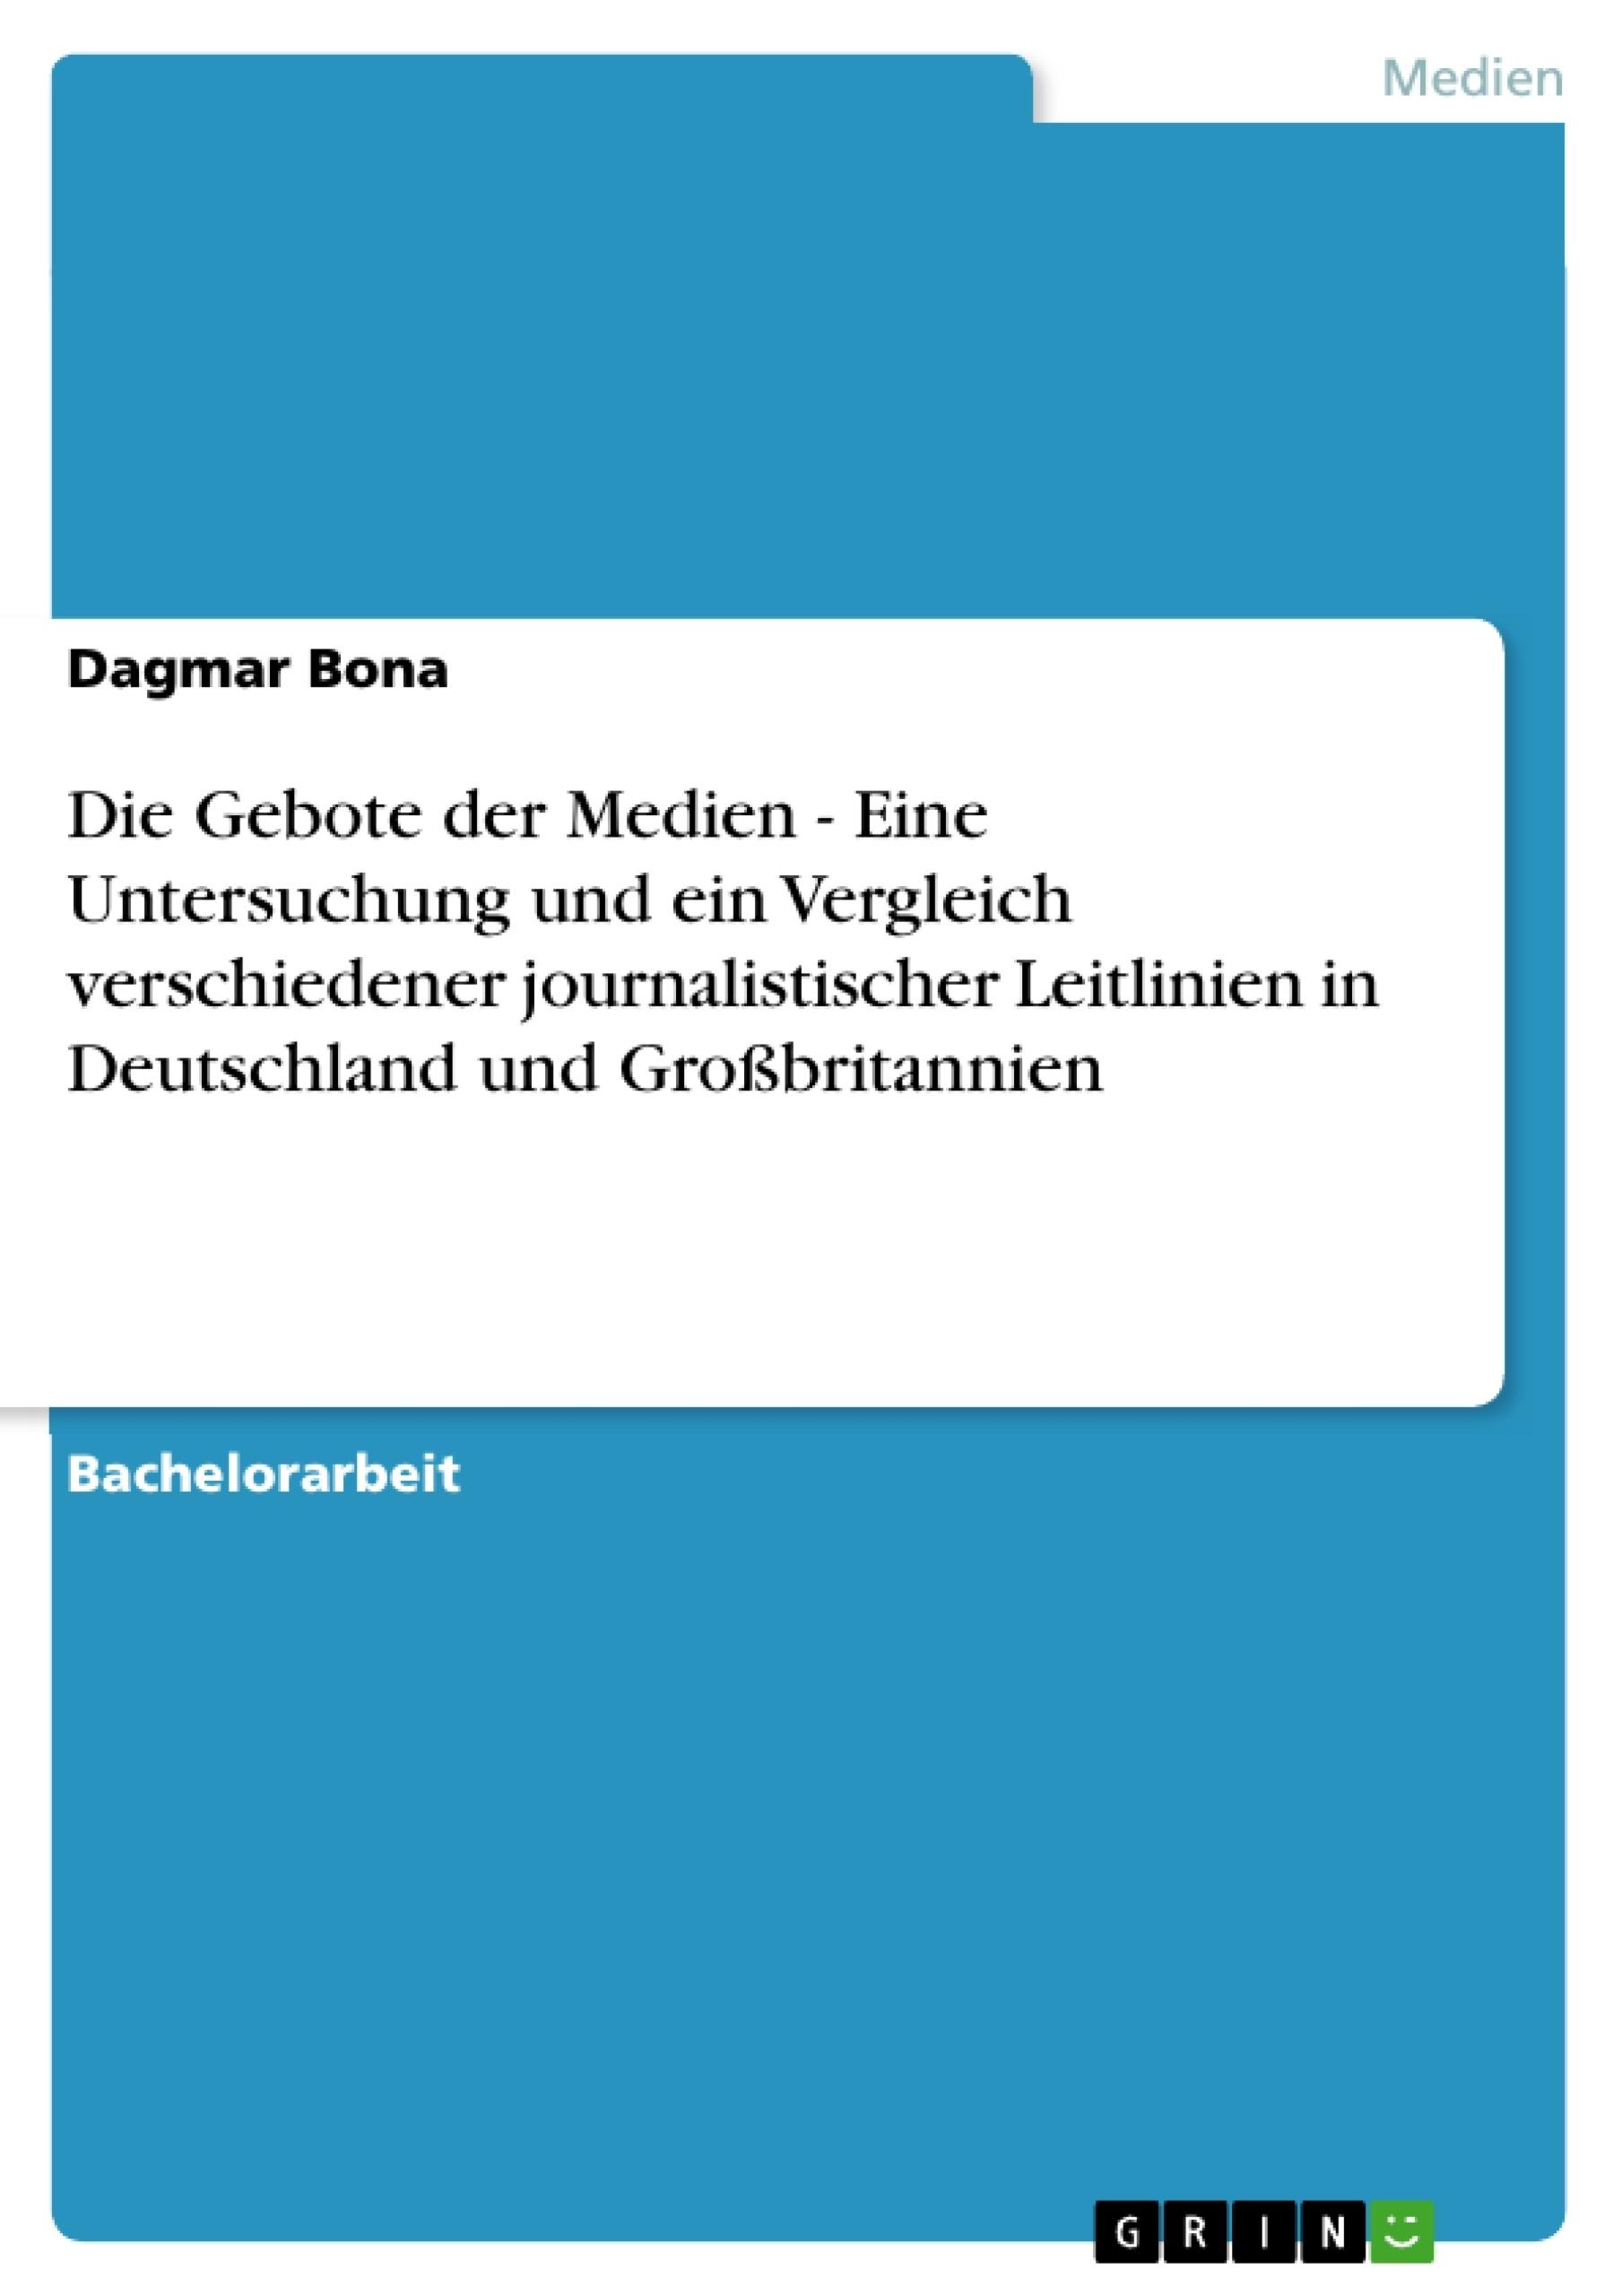 Titel: Die Gebote der Medien - Eine Untersuchung und ein Vergleich verschiedener journalistischer Leitlinien in Deutschland und Großbritannien